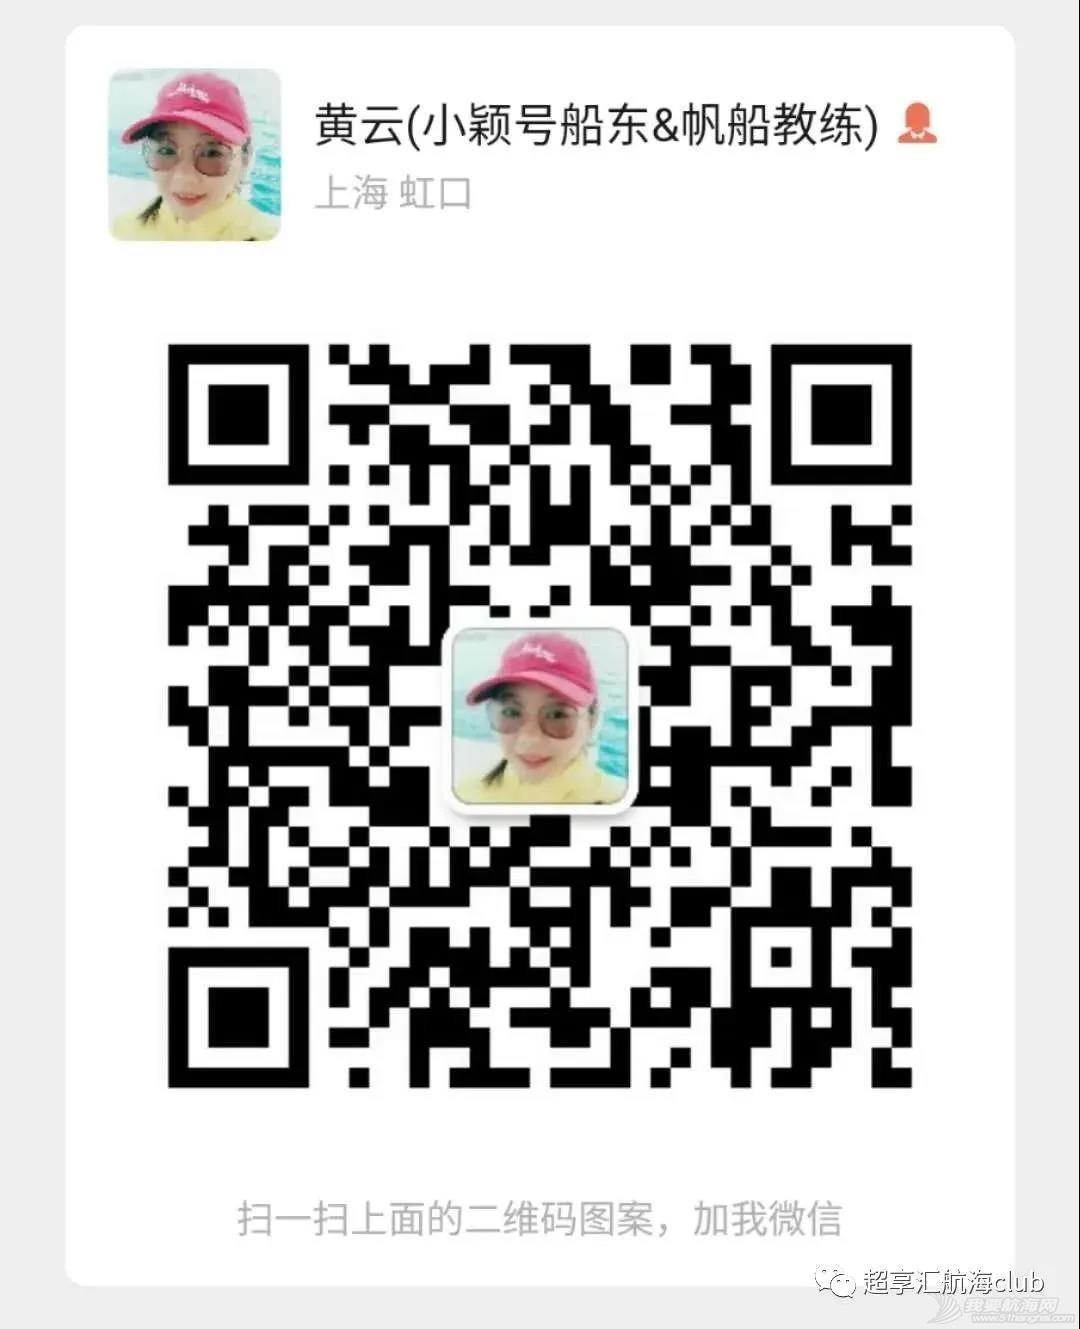 微信图片_20200708065147.jpg